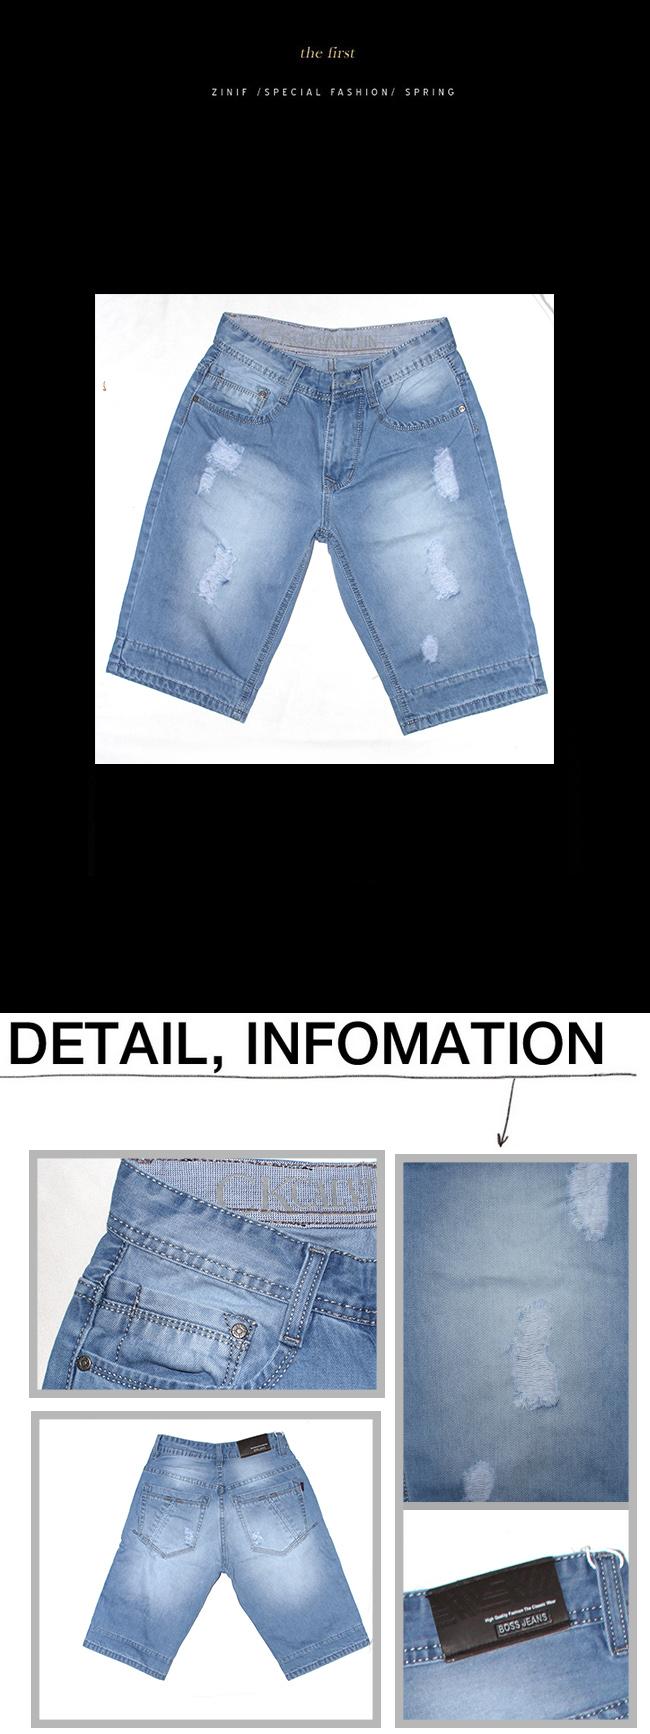 Quần short jeans xanh dương qj1120 - 1